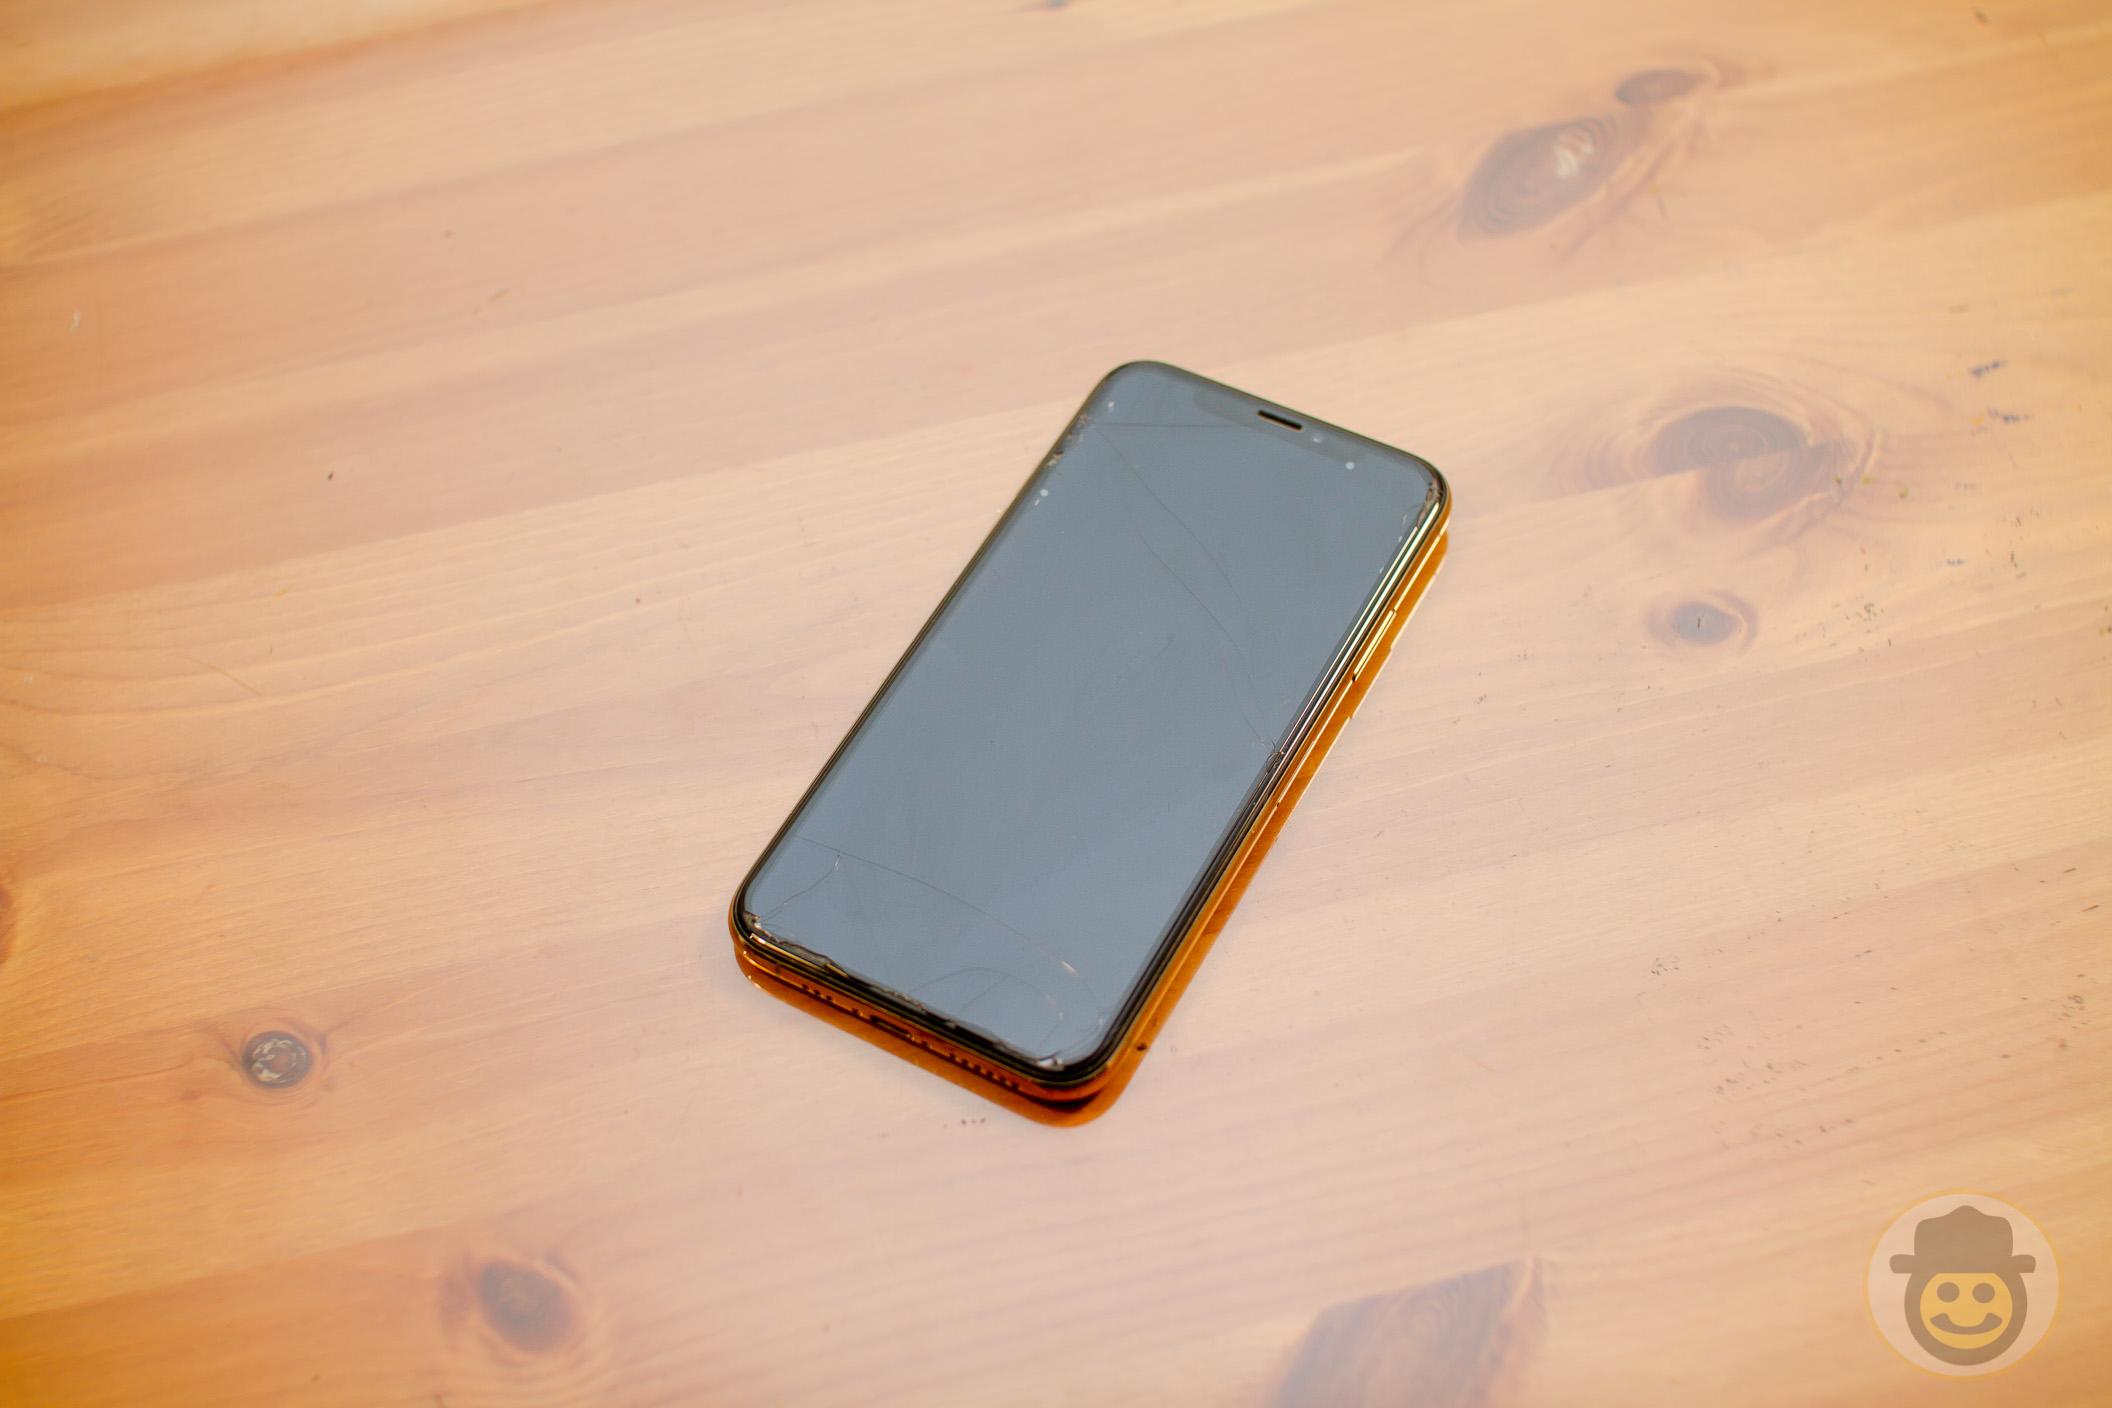 iPhone XS ガラスフィルムがひび割れたから交換した